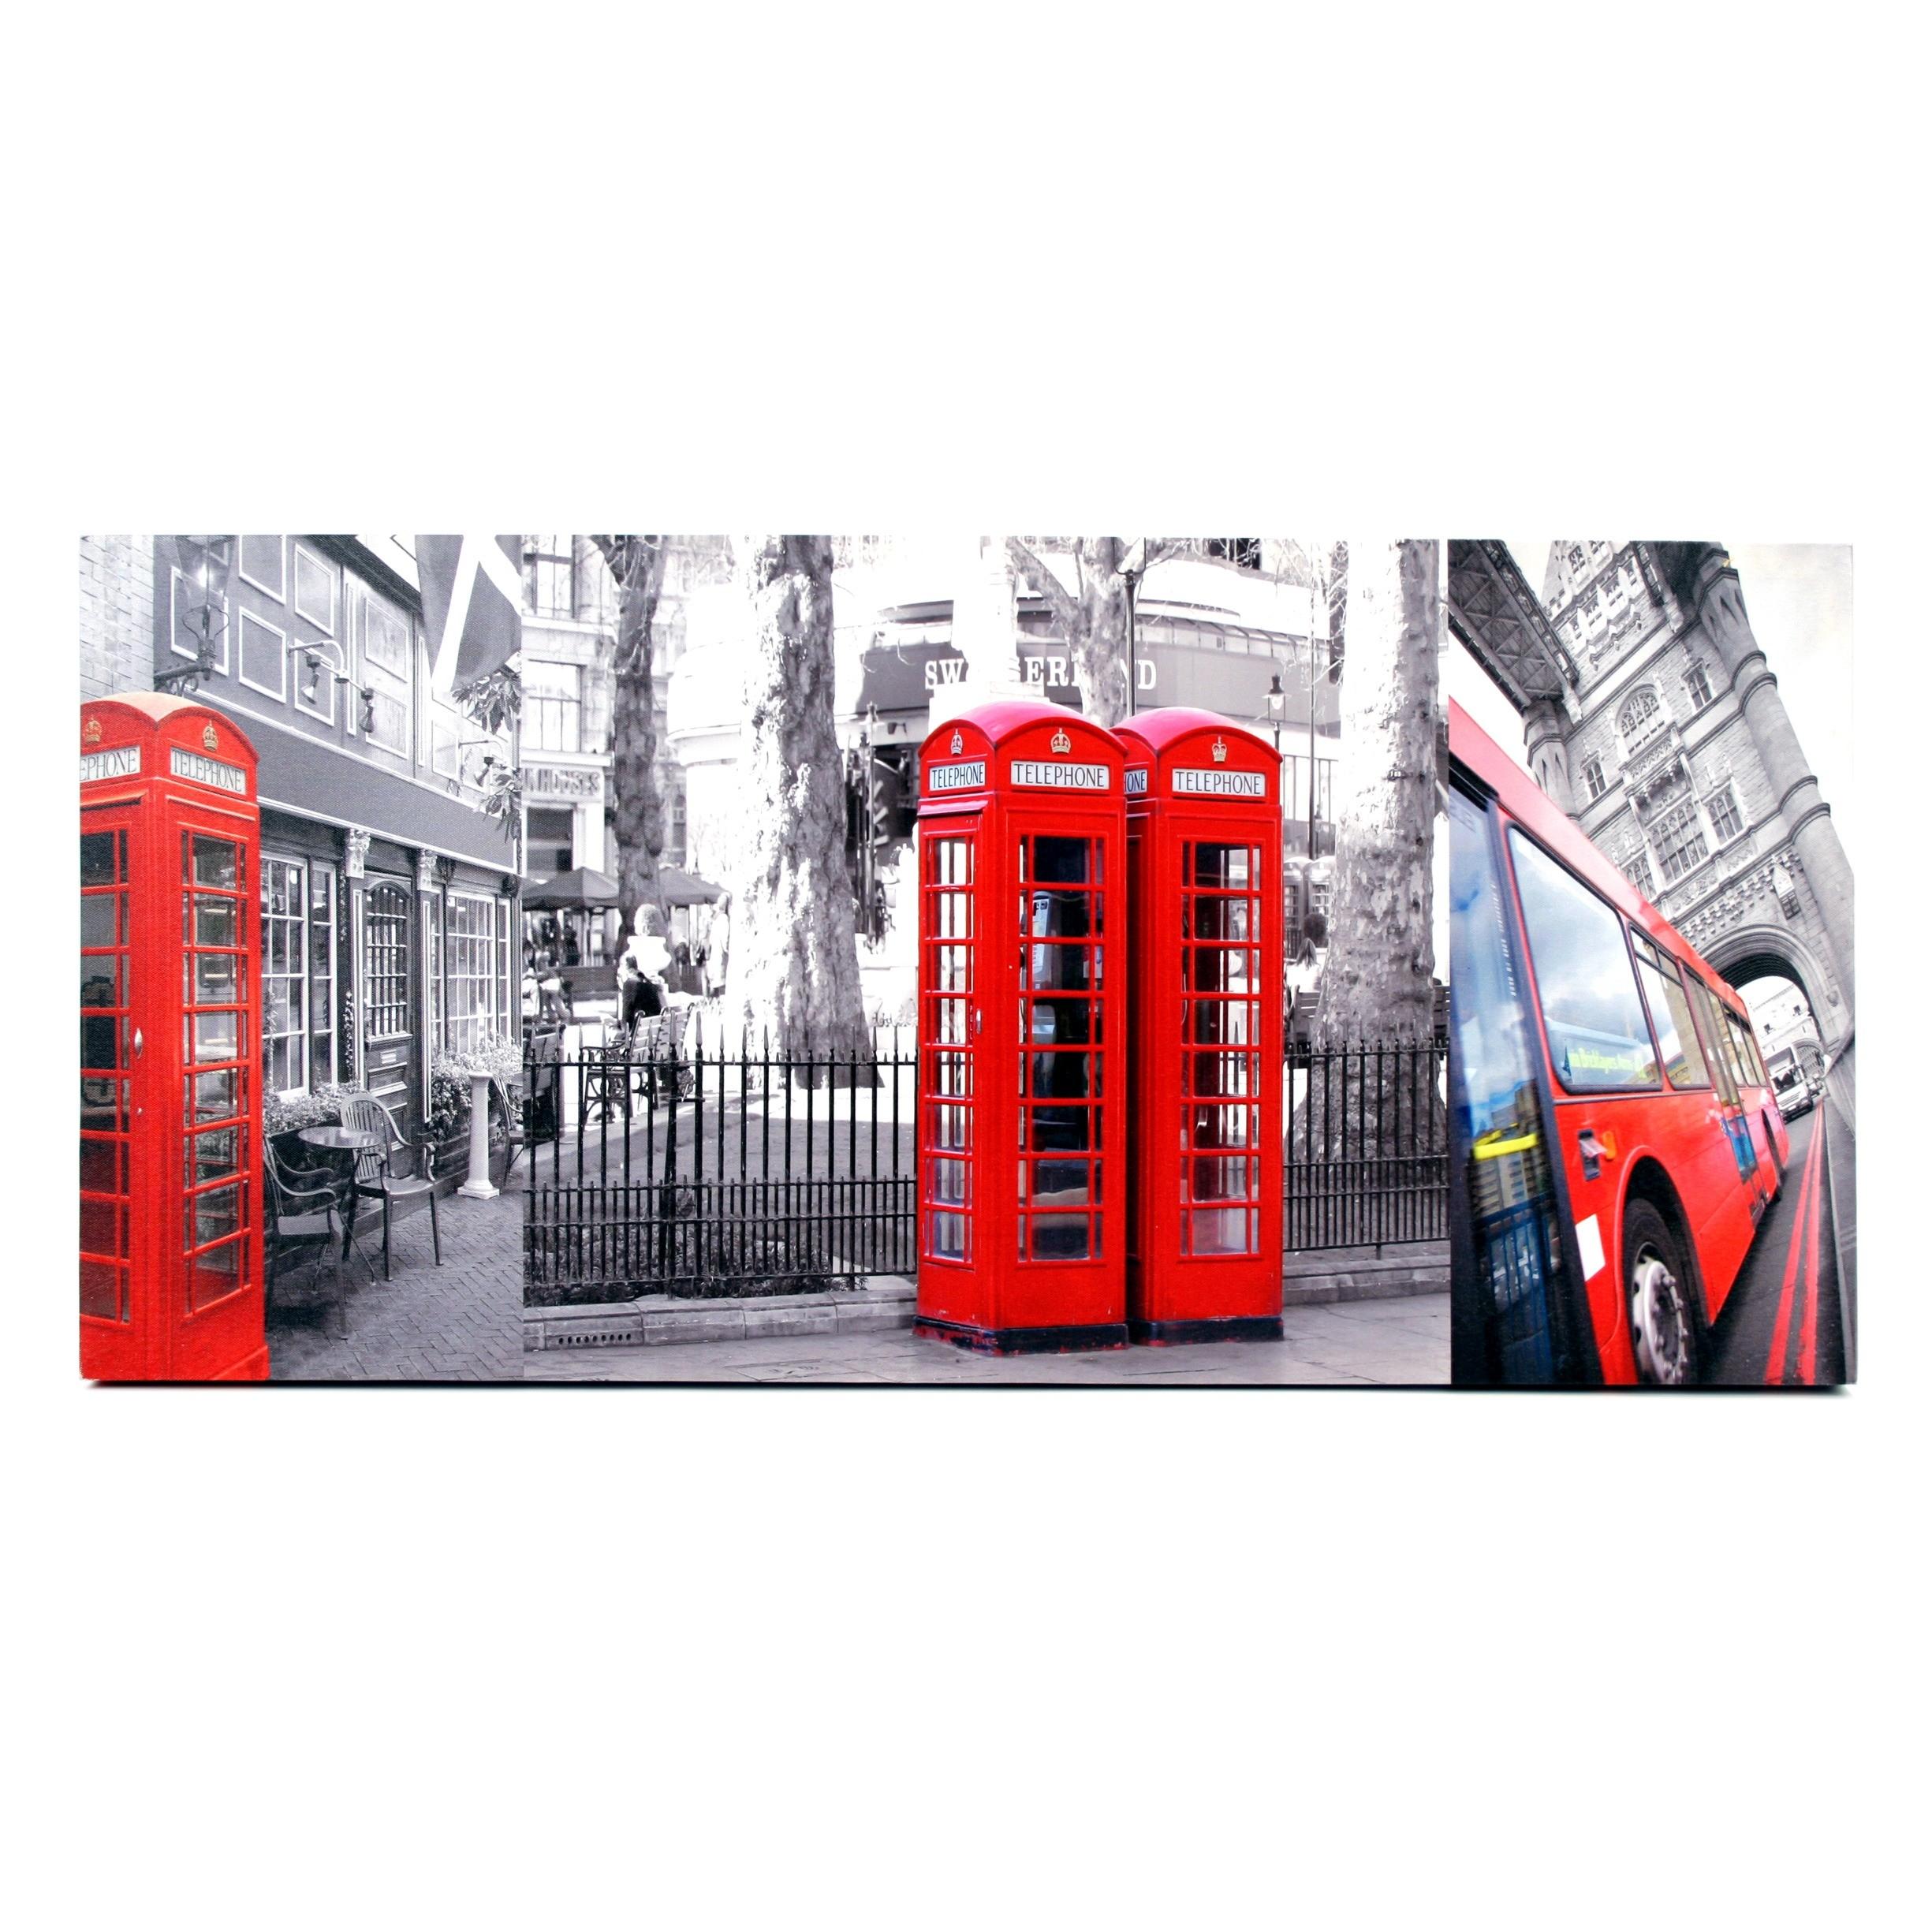 ... Street - Stijlvolle u0026 Betaalbare Wanddecoratie : wanddecoratiestore.be